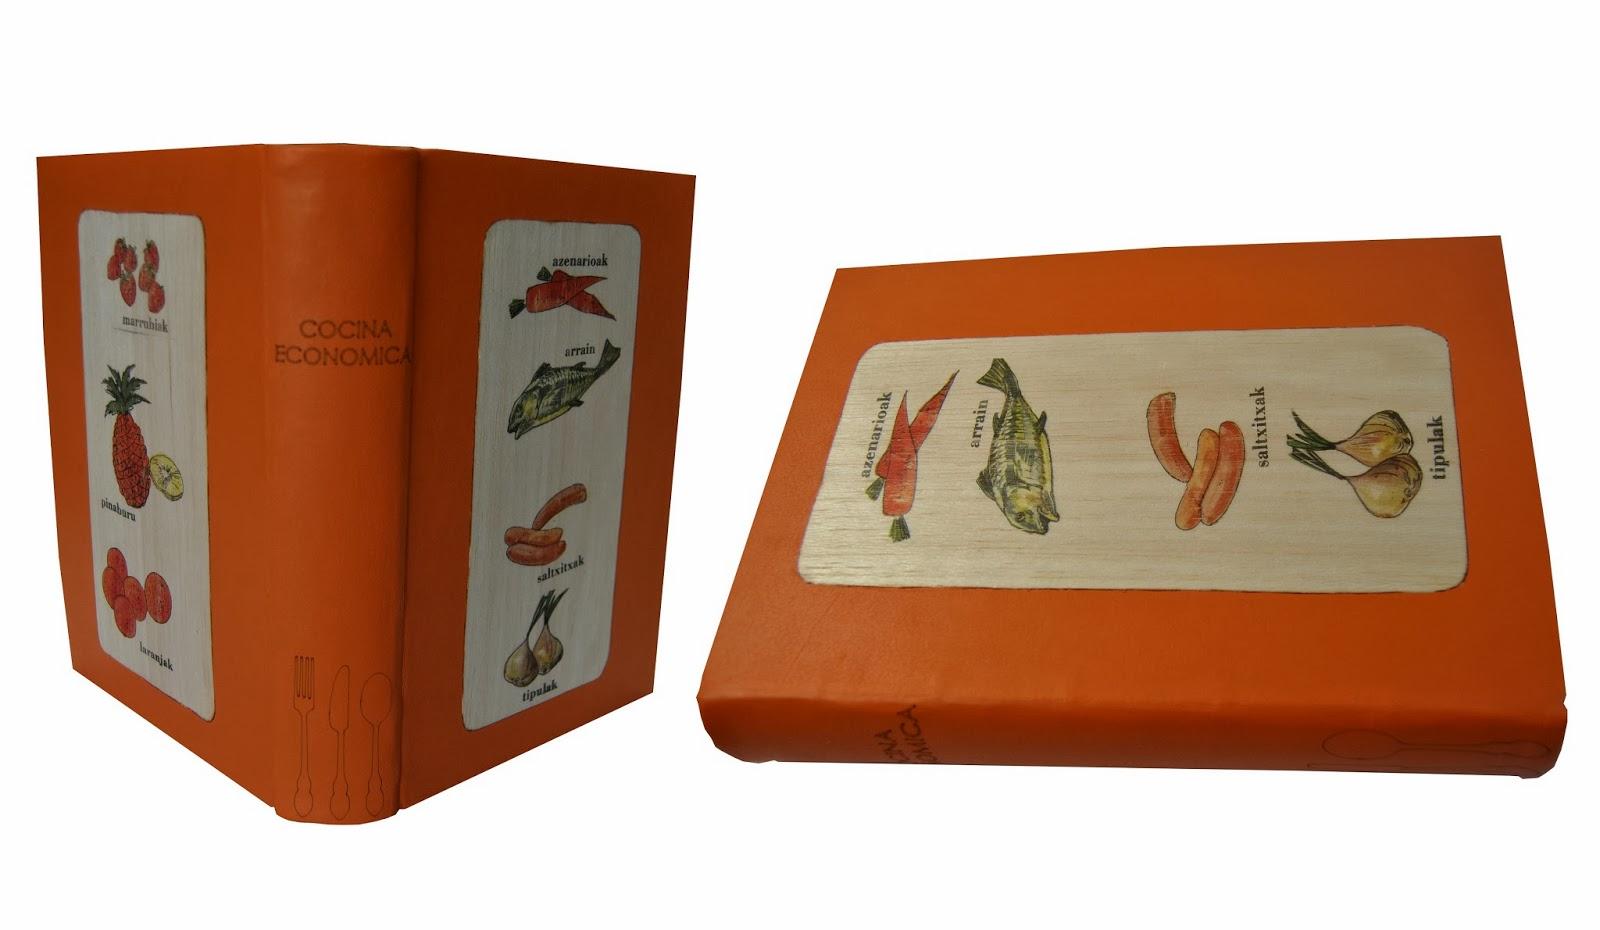 Encuadernacion en piel y tapas decoradas en madera con imagenes transferidas